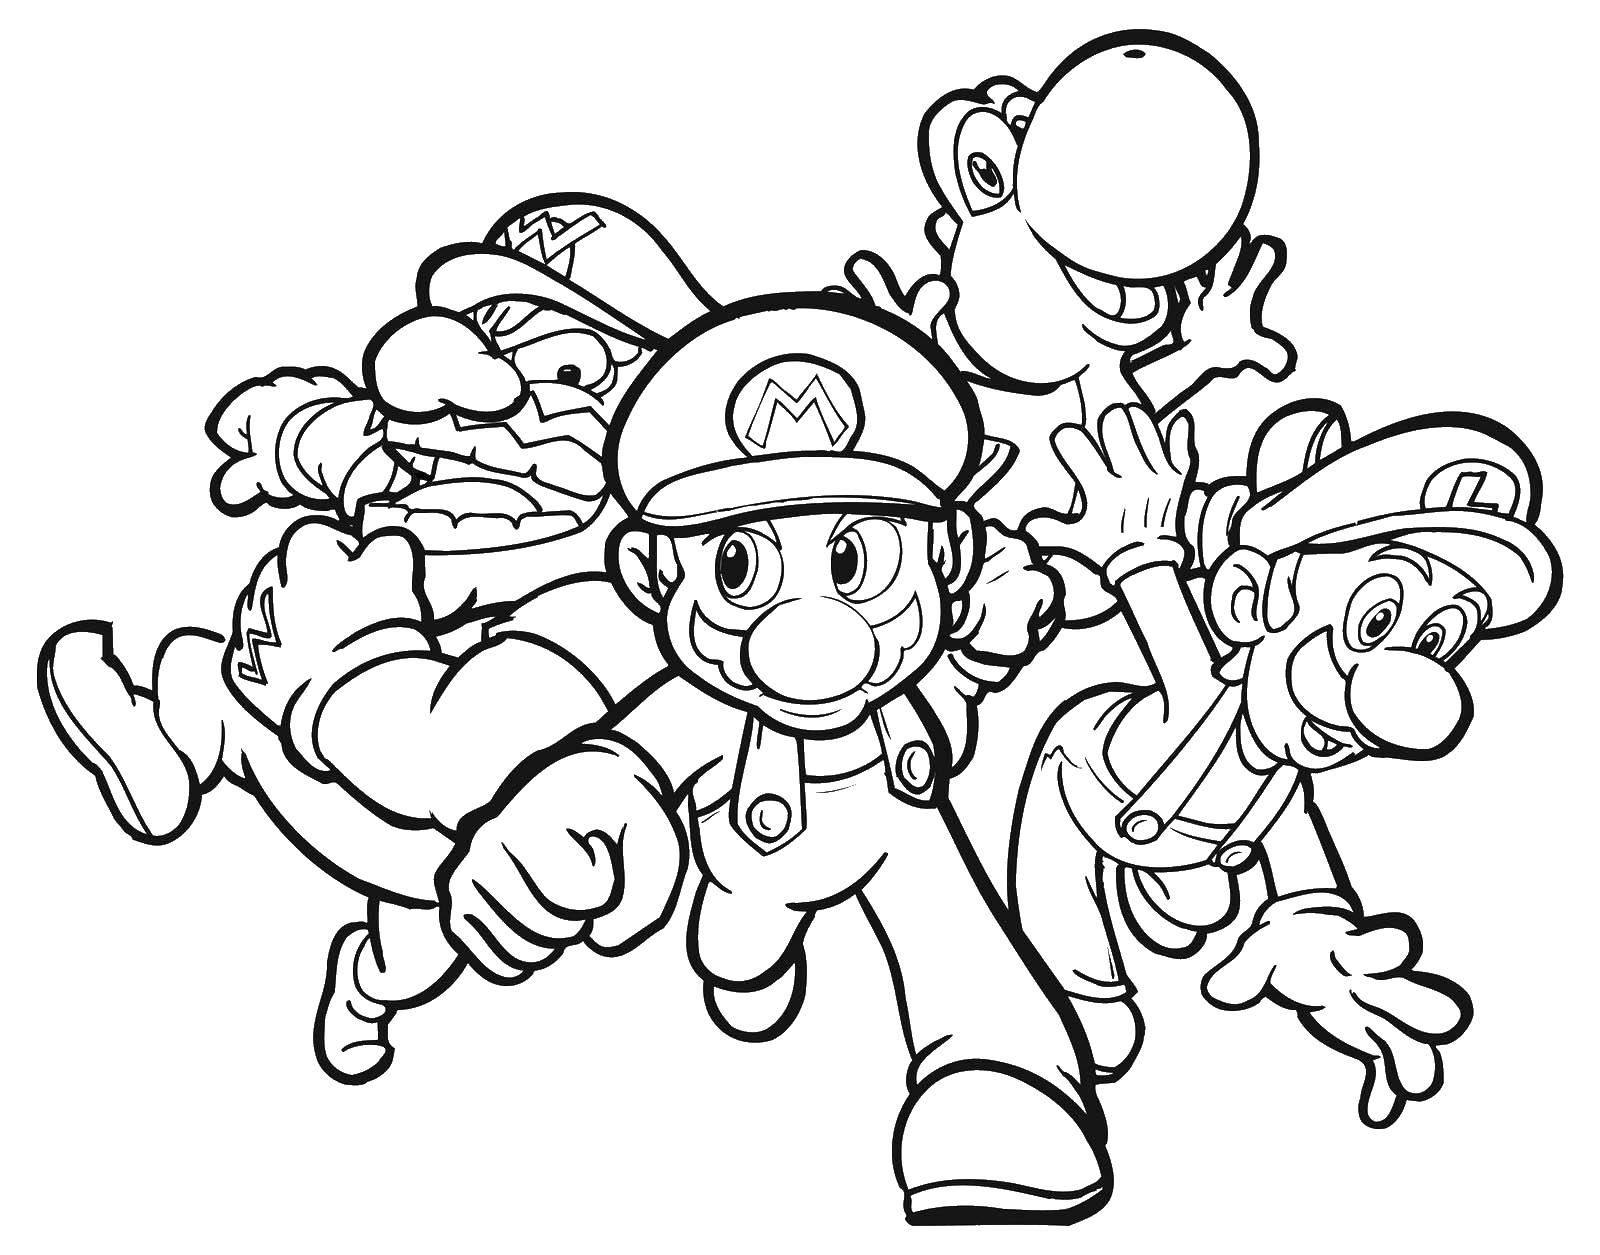 Раскраска Марио, варио, динозаврик и луиджи. Скачать Игры, Марио.  Распечатать ,Персонаж из игры,